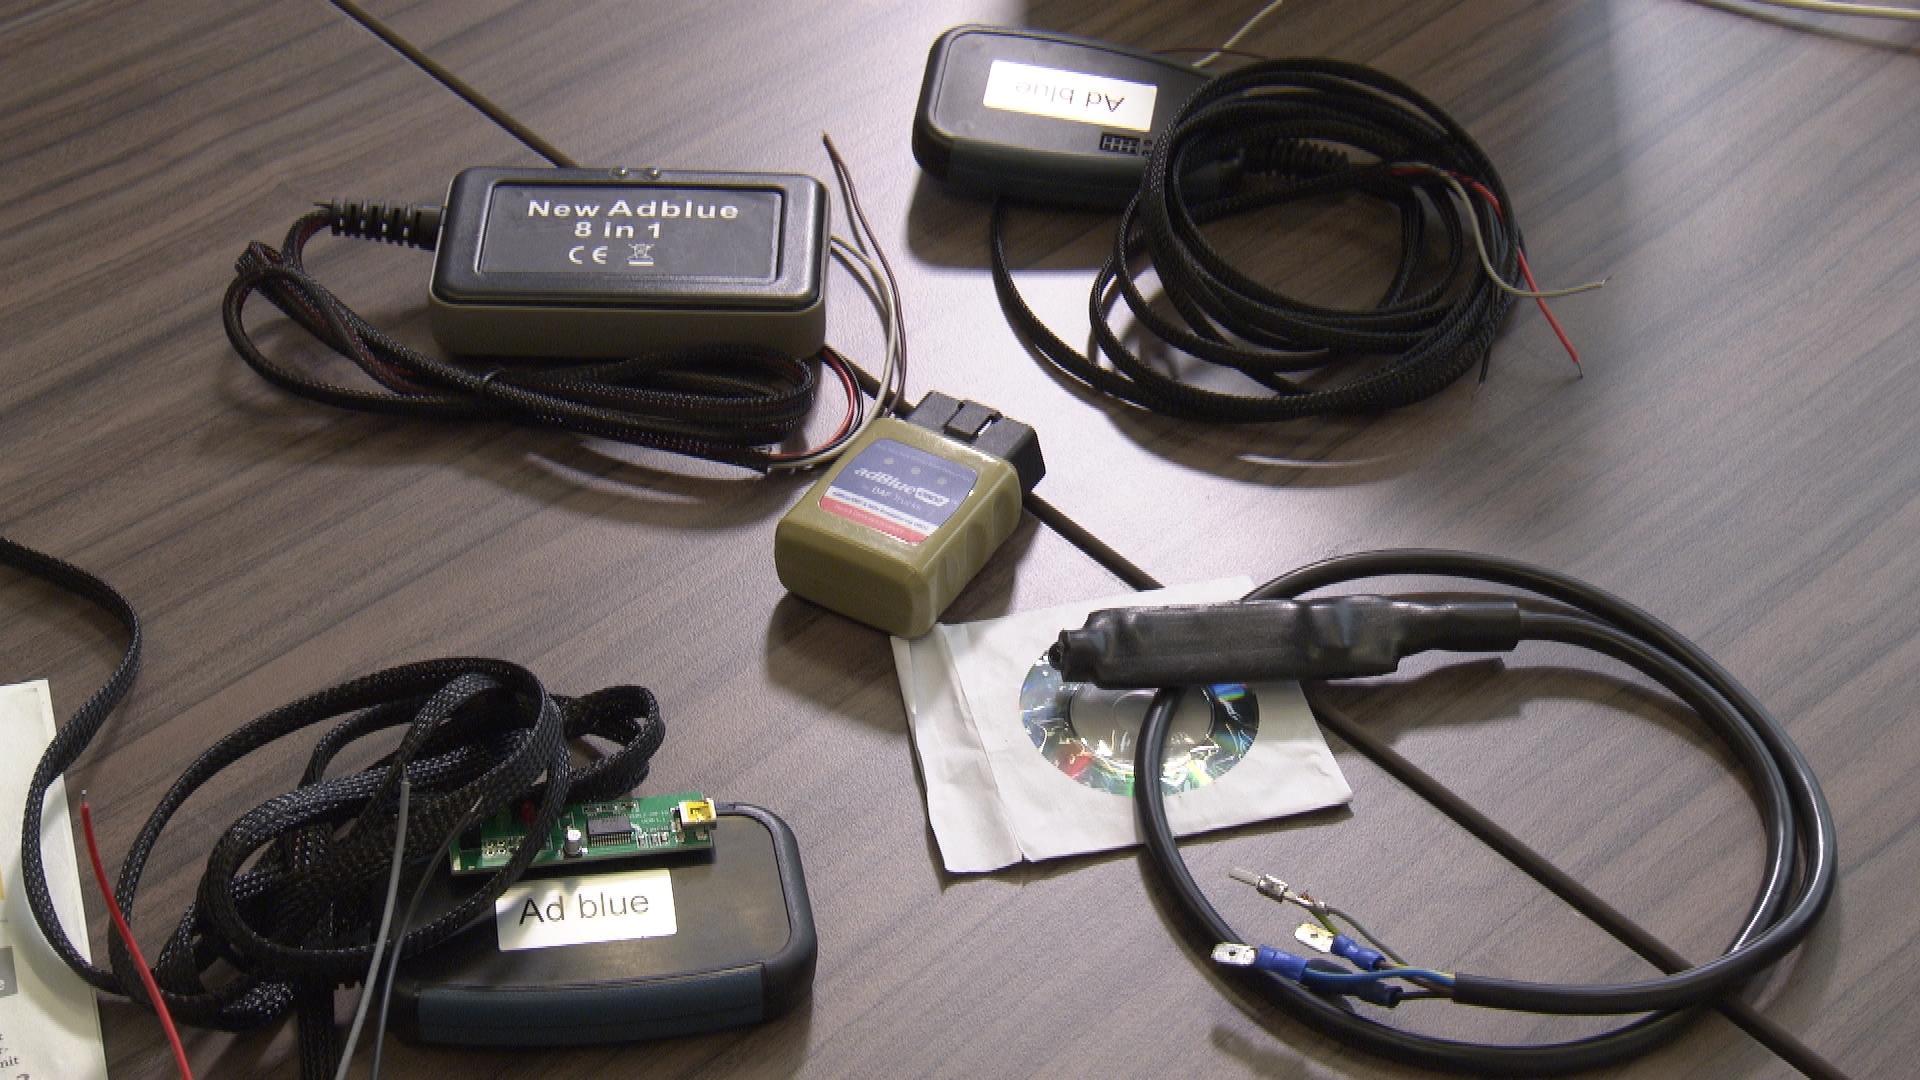 Geräte zur illegalen Manipulation von LKW-Elektronik